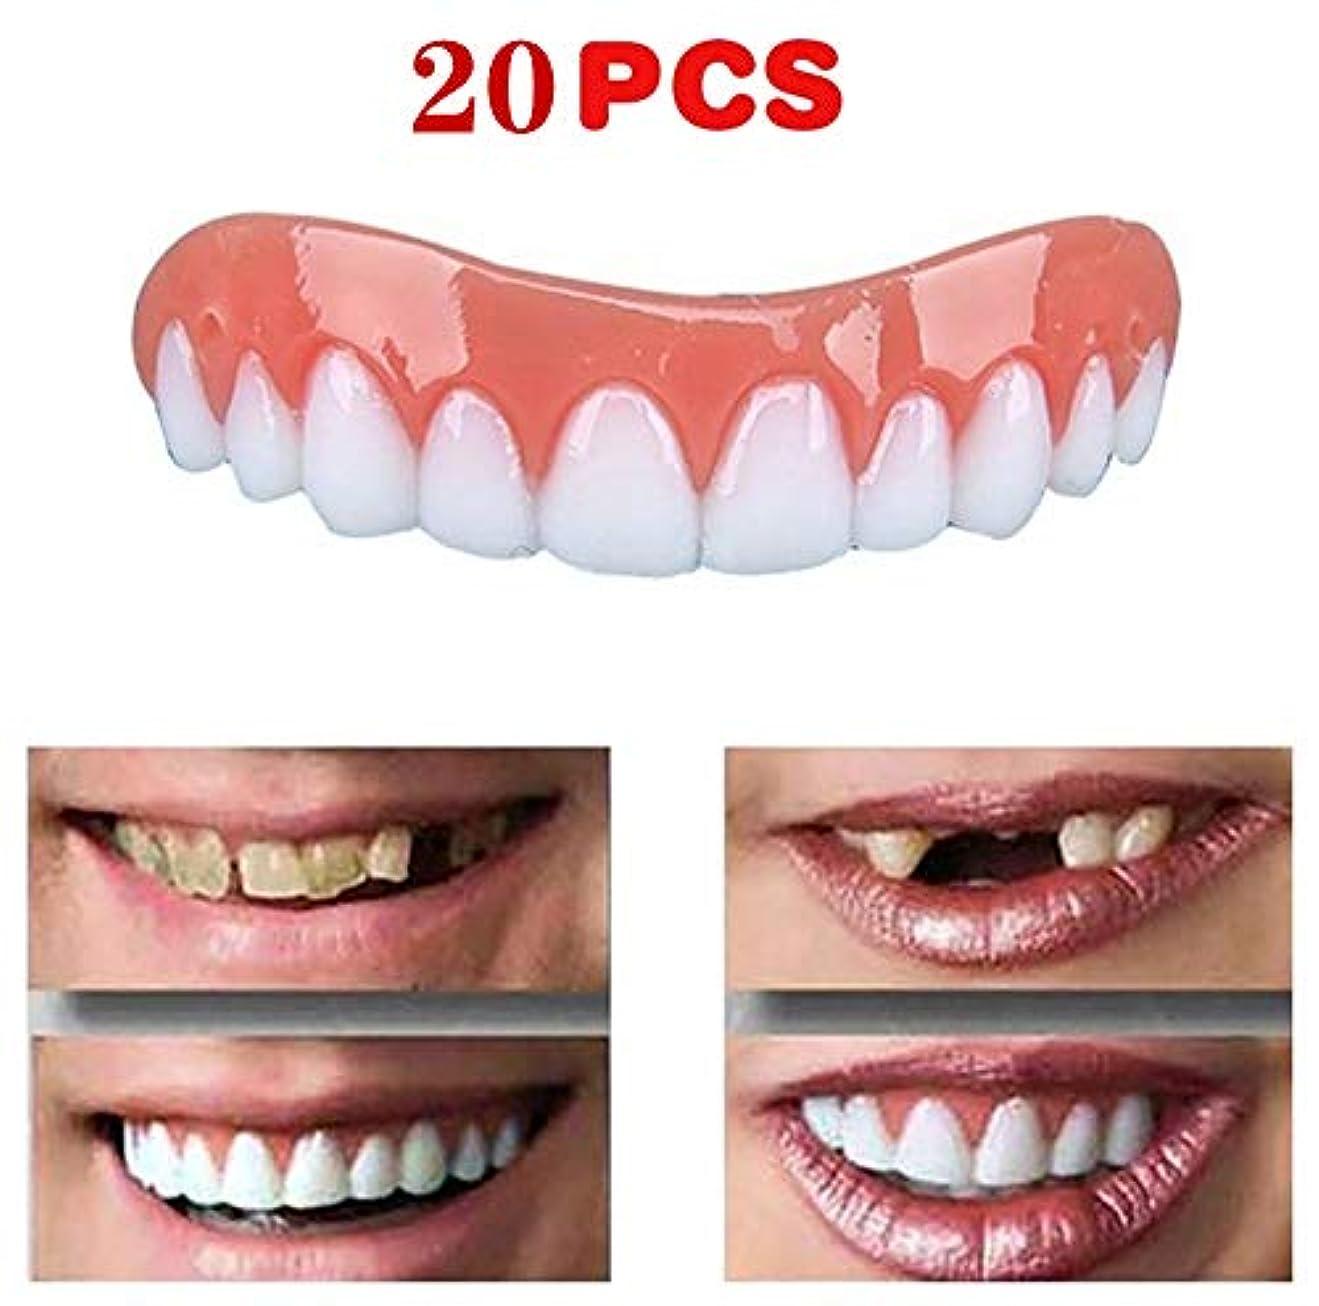 ウナギテーブルを設定する免疫20ピース新しい再利用可能な大人のスナップオンパーフェクトスマイルホワイトニング義歯フィットフレックス化粧品歯快適な突き板カバーデンタルケアアクセサリー